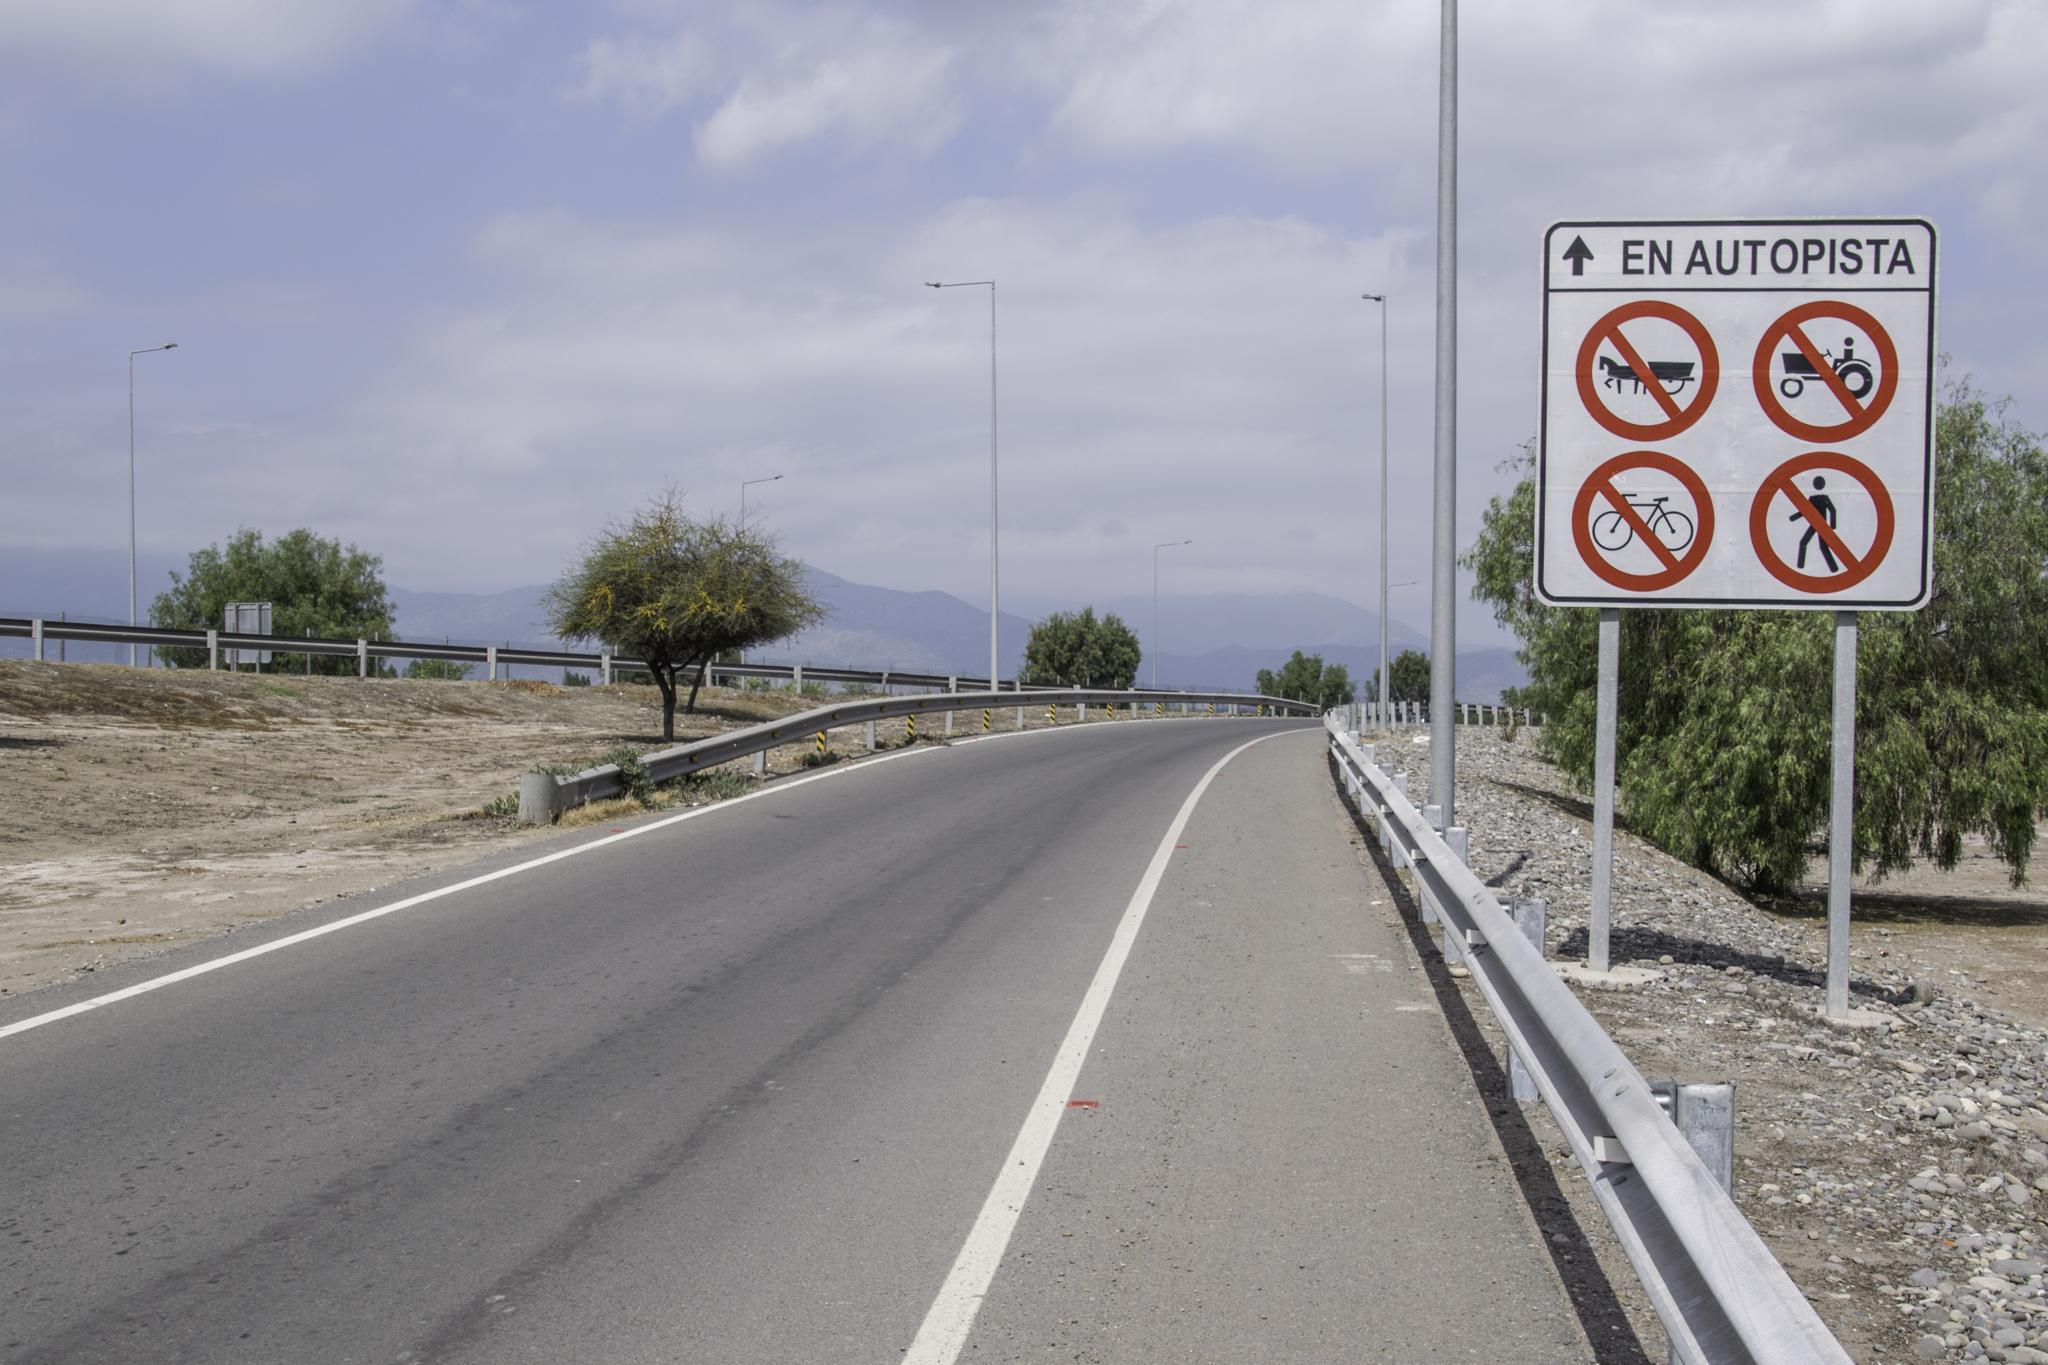 """Nicht sehr gastfreundlich von der """"Autopista"""" uns so zu begrüssen - so verboten war es dann doch nicht und dank des Pannenstreifens hatten wir genügend Platz"""